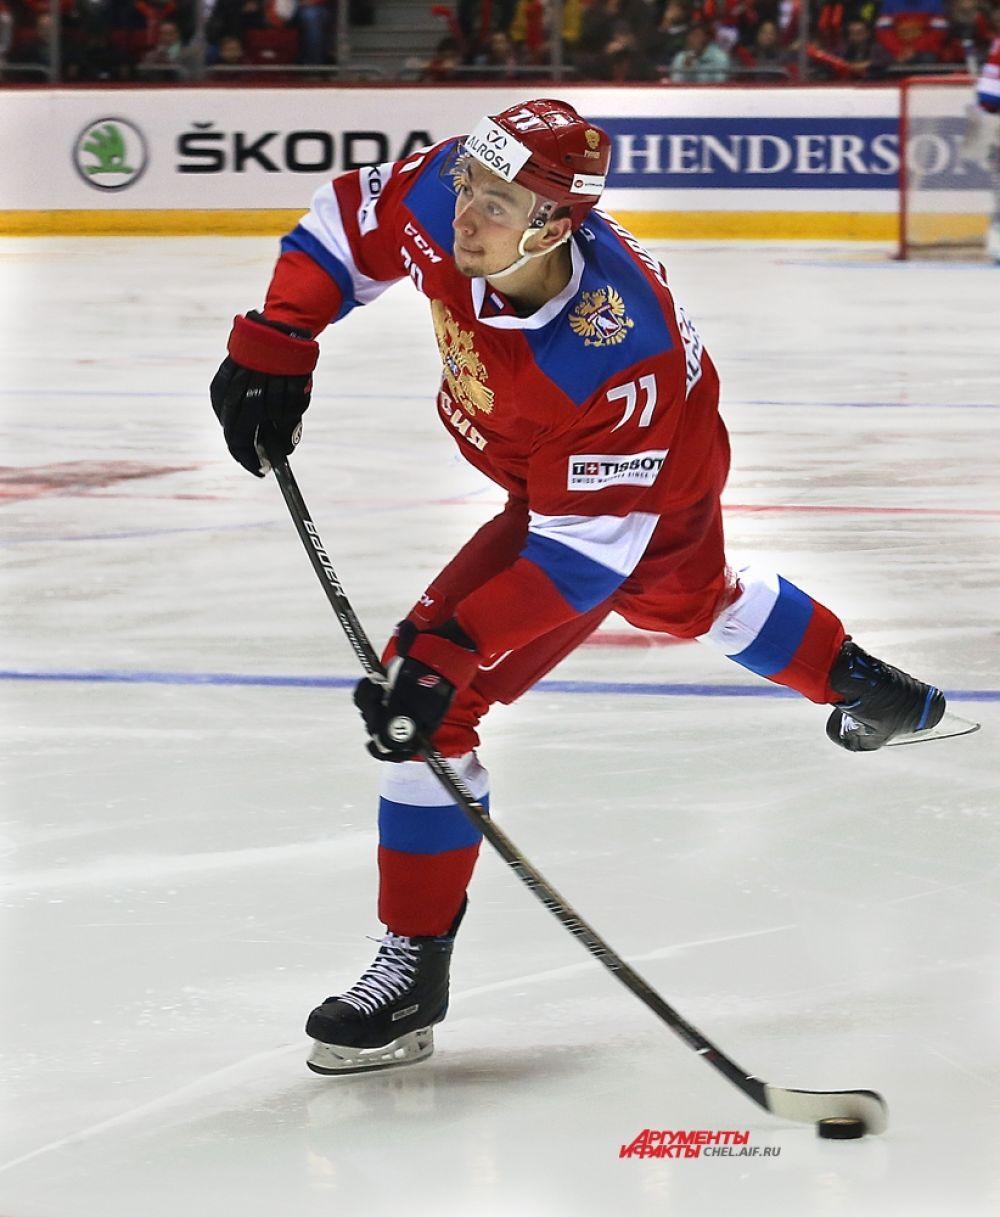 Нападающий олимпийской сборной Антон Бурдасов.